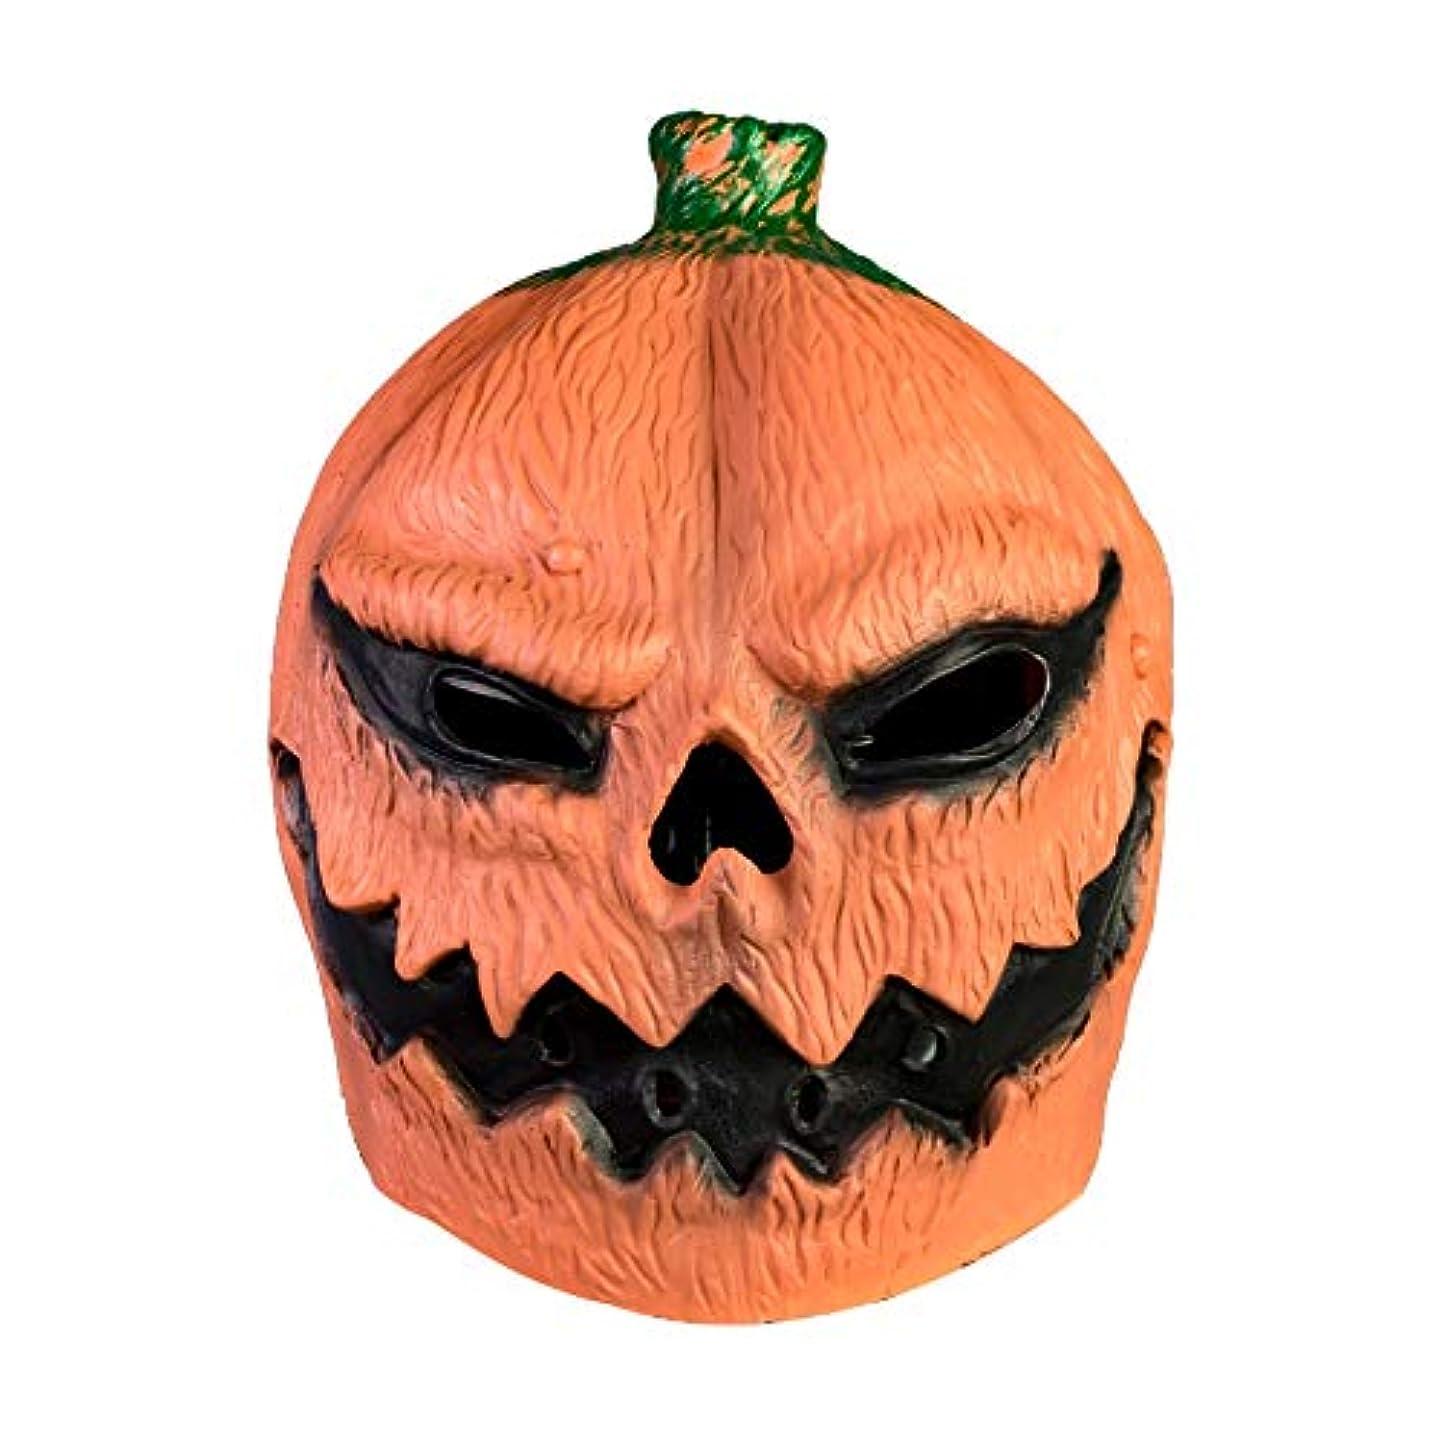 請求書うがい薬ラテンハロウィンカボチャヘッドマスクホラーマスクラテックスダンス衣装ドラマ装飾コスチュームマスク